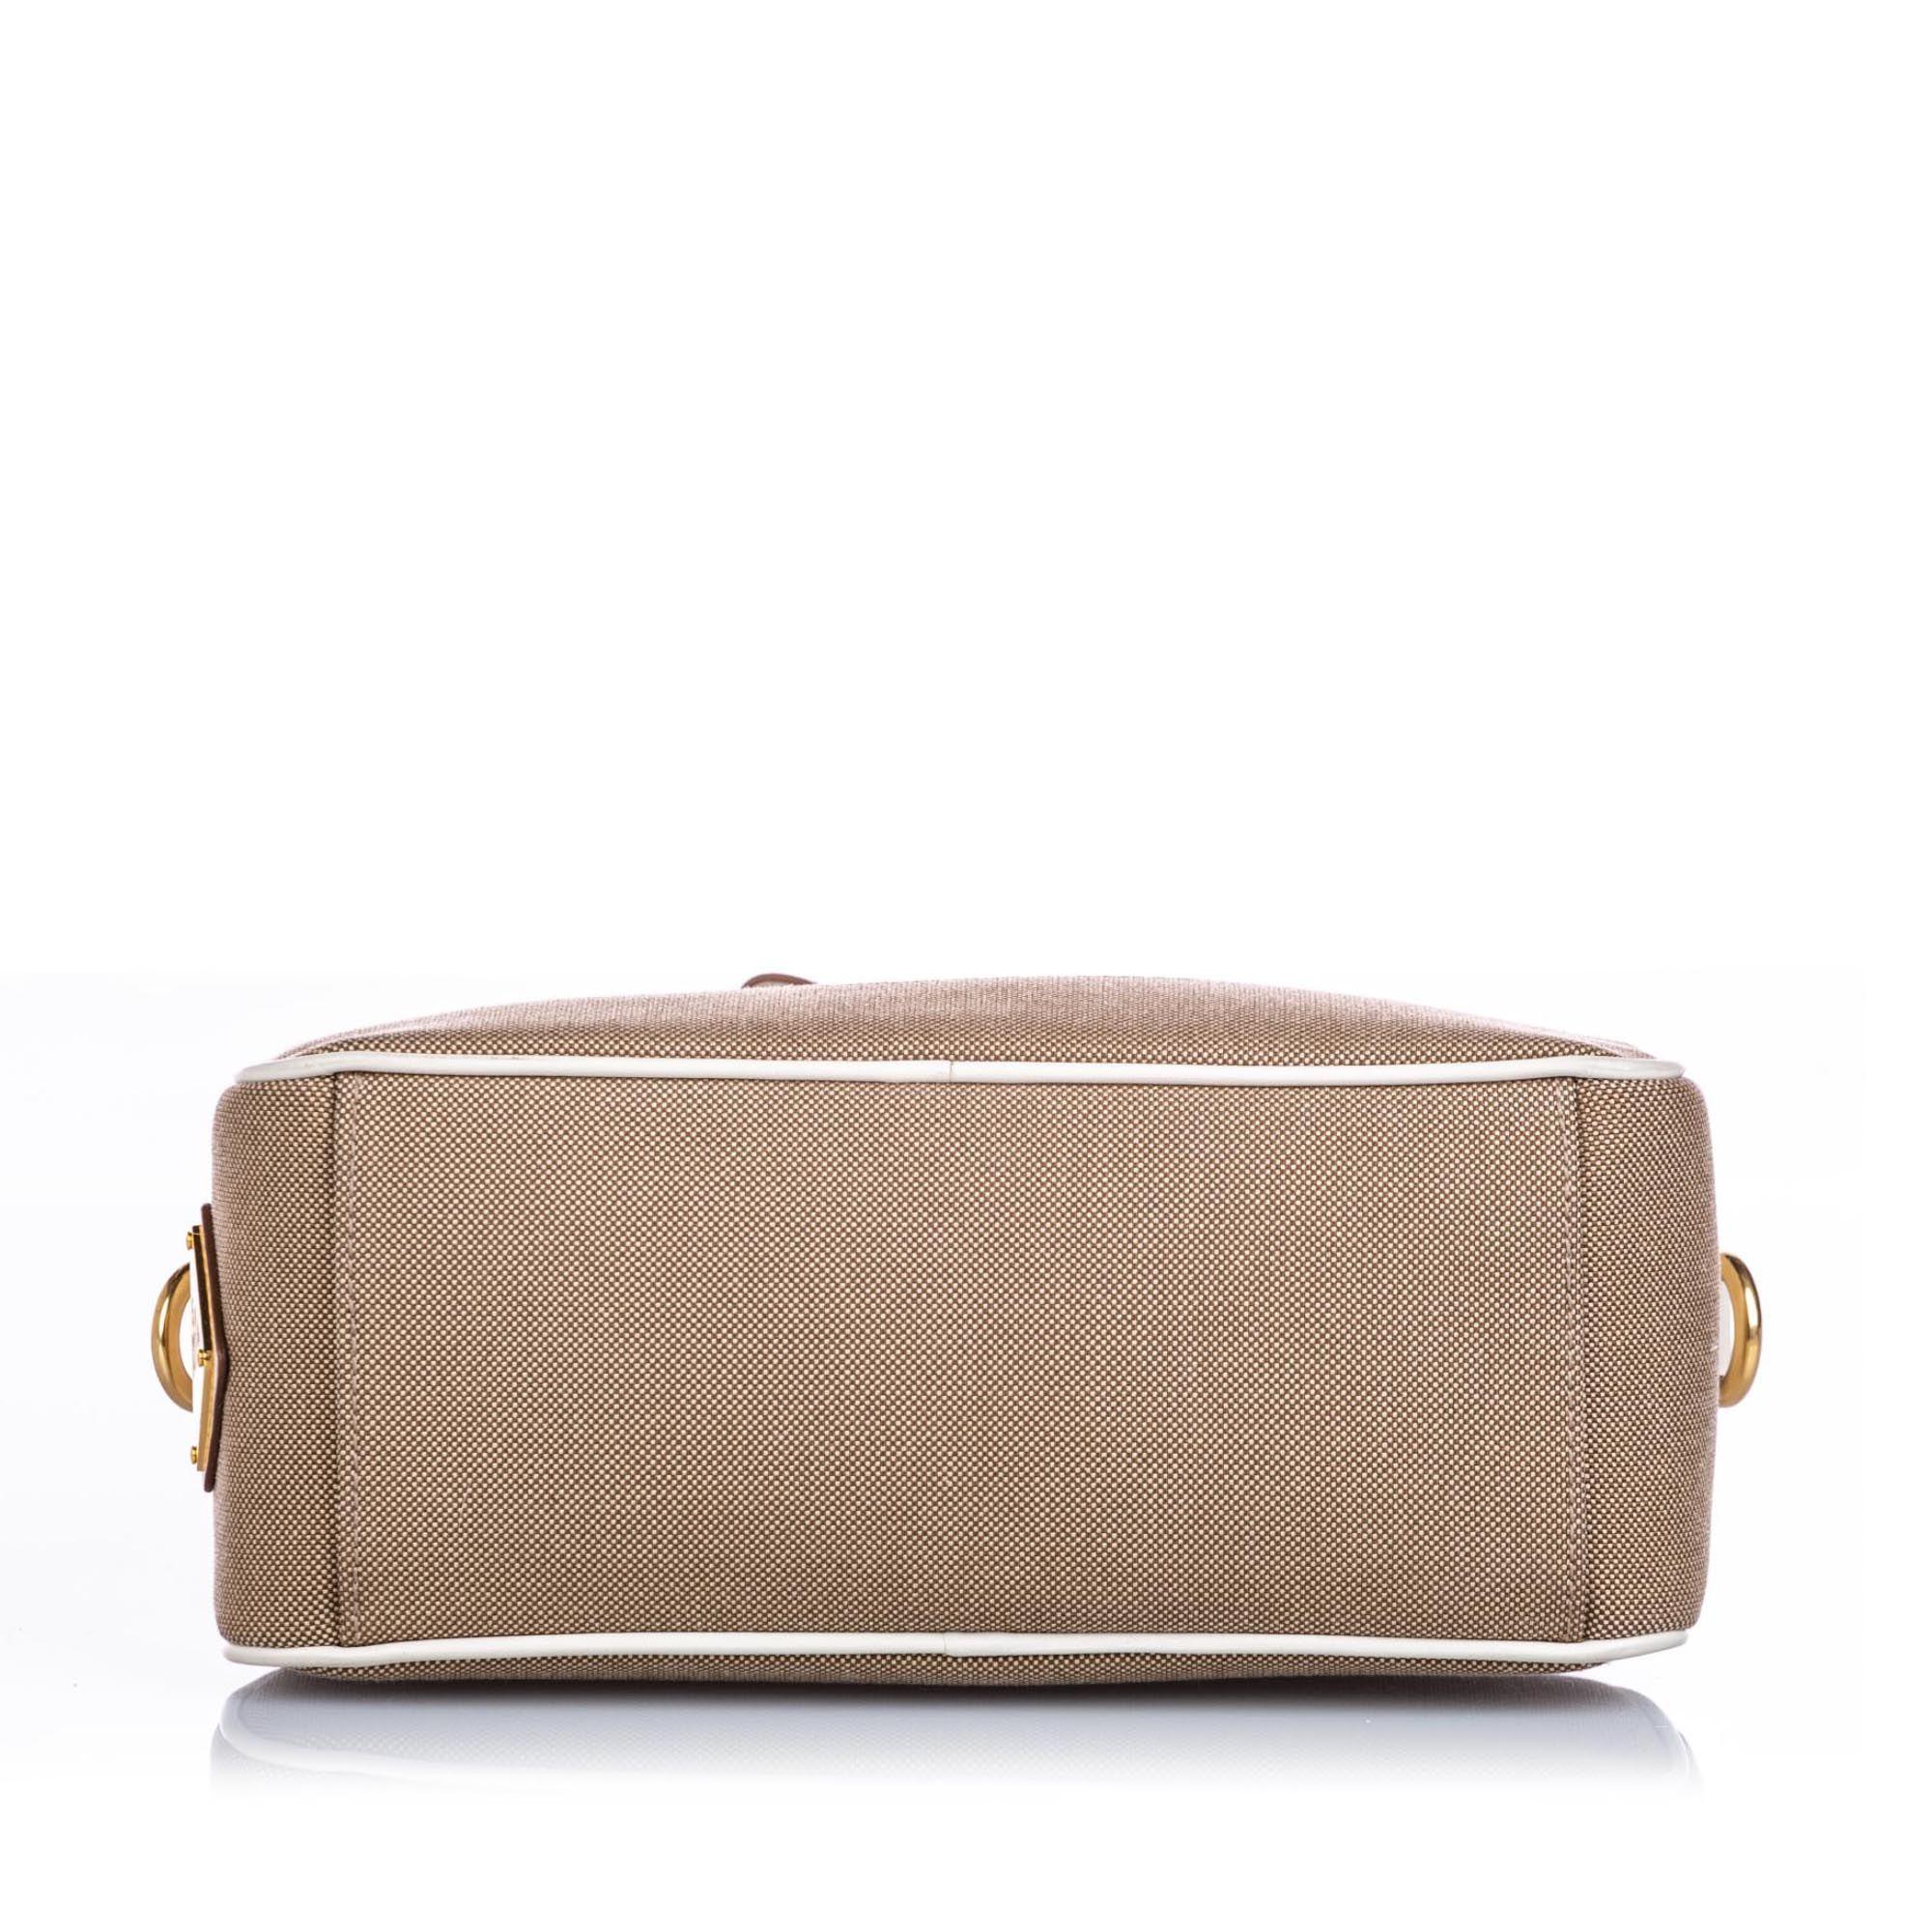 Prada Canapa Canvas Crossbody Bag Brown